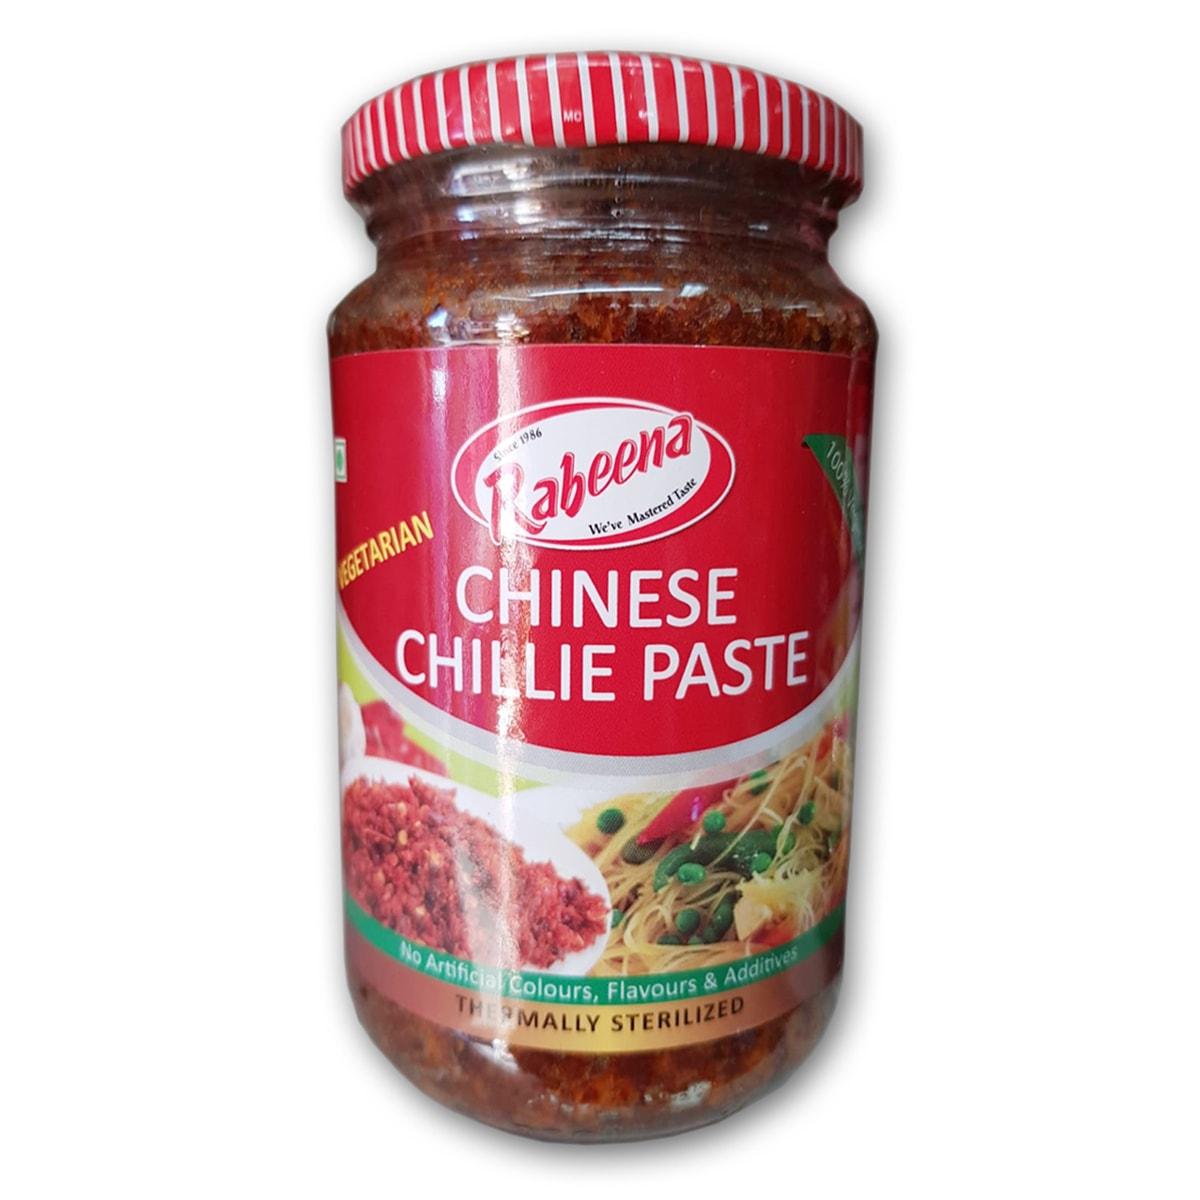 Buy Rabeena Chinese Chilli Paste (Vegetarian) - 480 gm